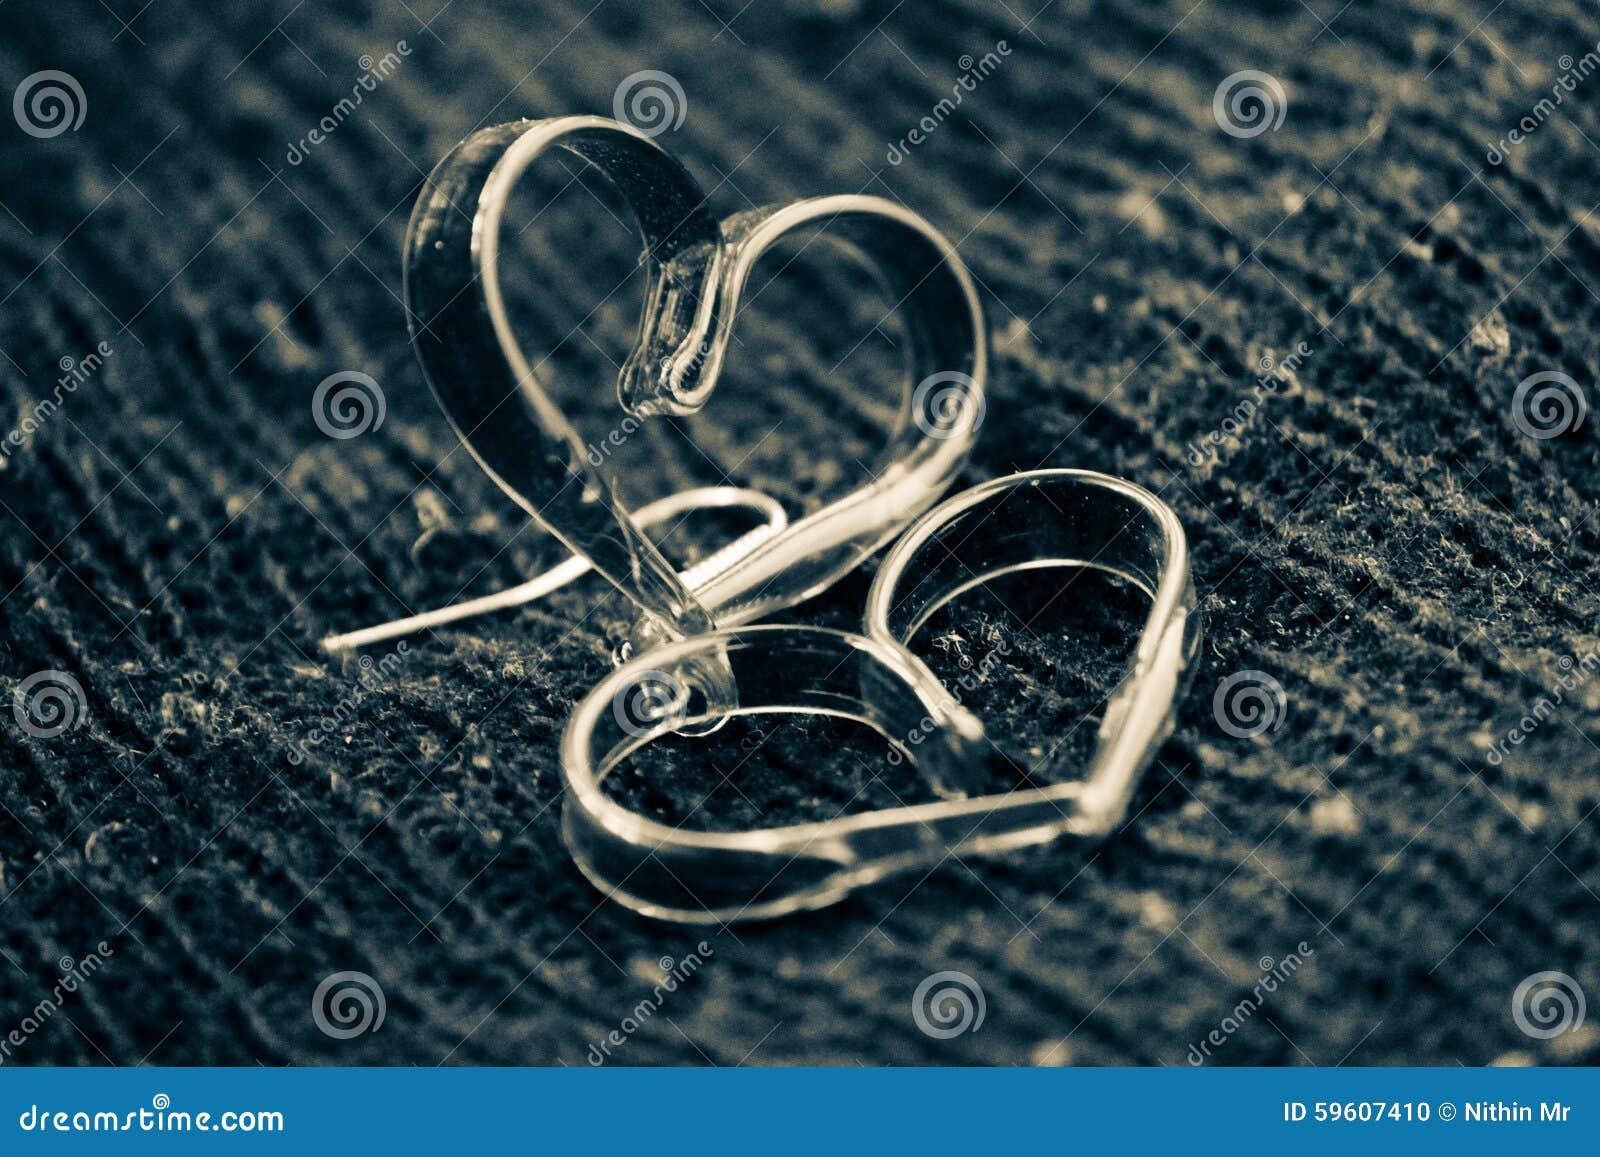 Préférence Coeur Brillant Noir Et Blanc D'amour Photo stock - Image: 59607410 UU12